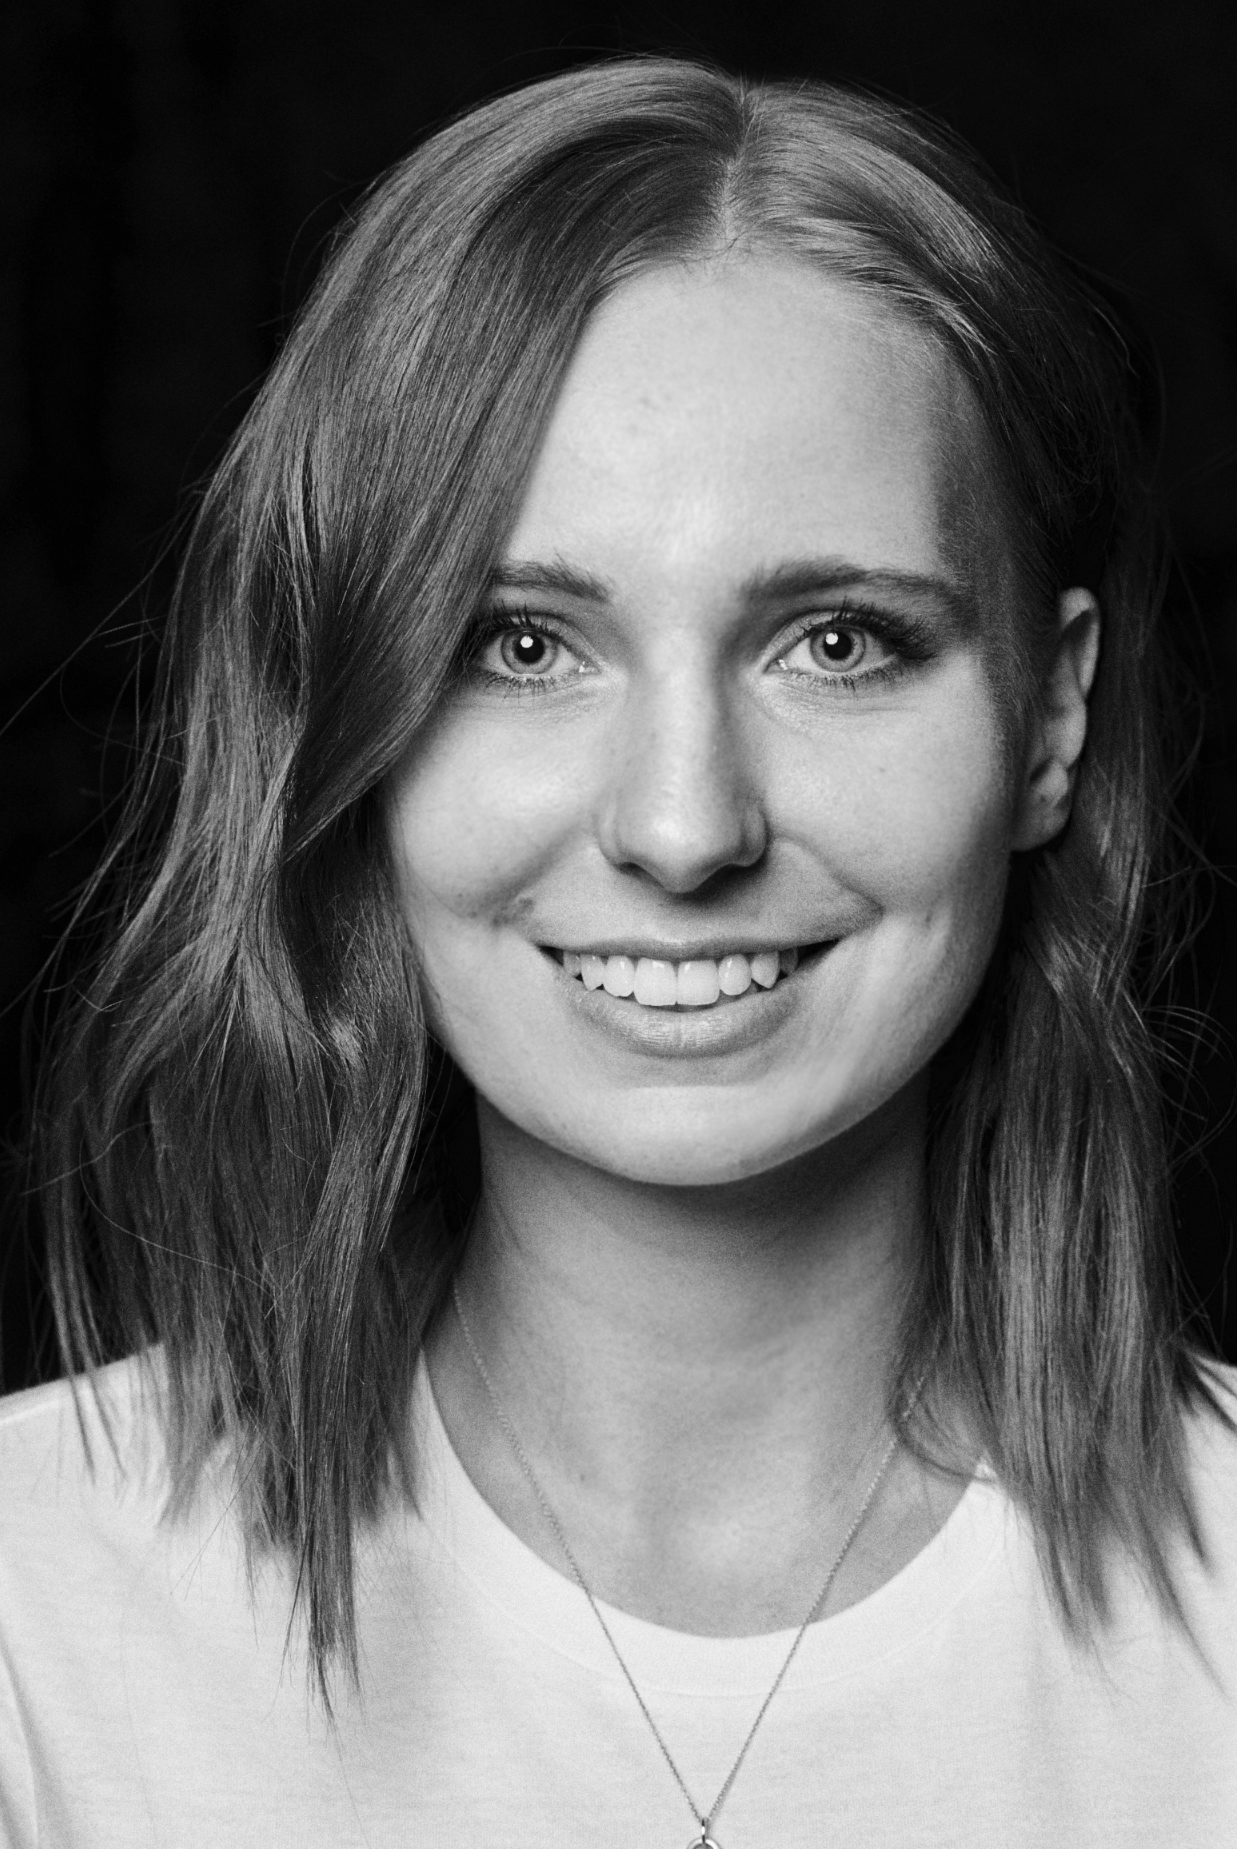 Lisa-Marie Werner